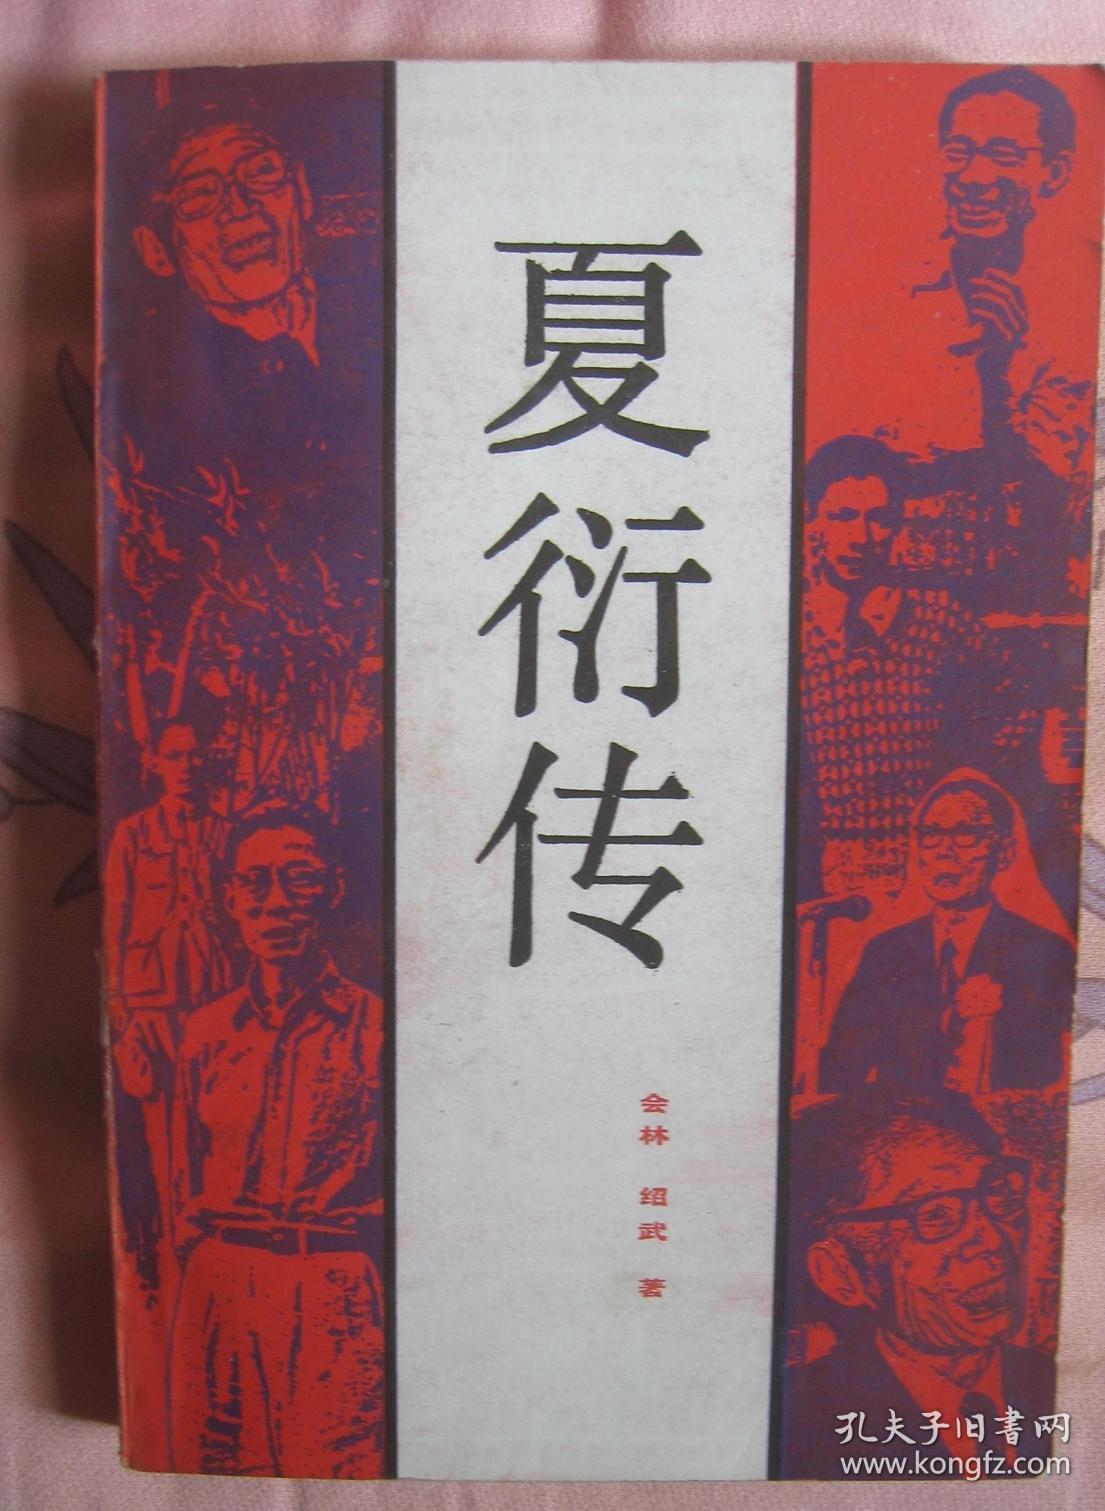 【夏衍传】中国戏剧出版社1985年出版 好书